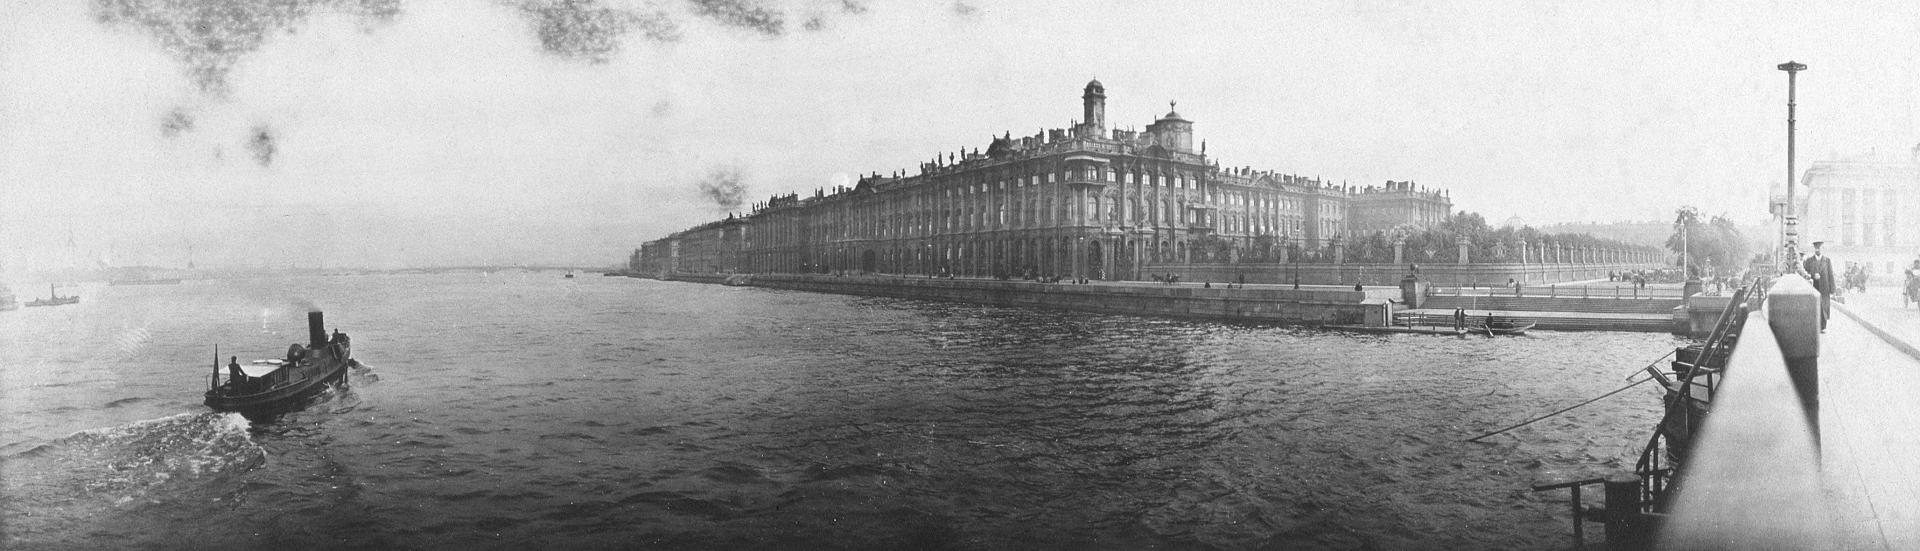 Панорама Невы у Зимнего дворца.Россия,1900-е